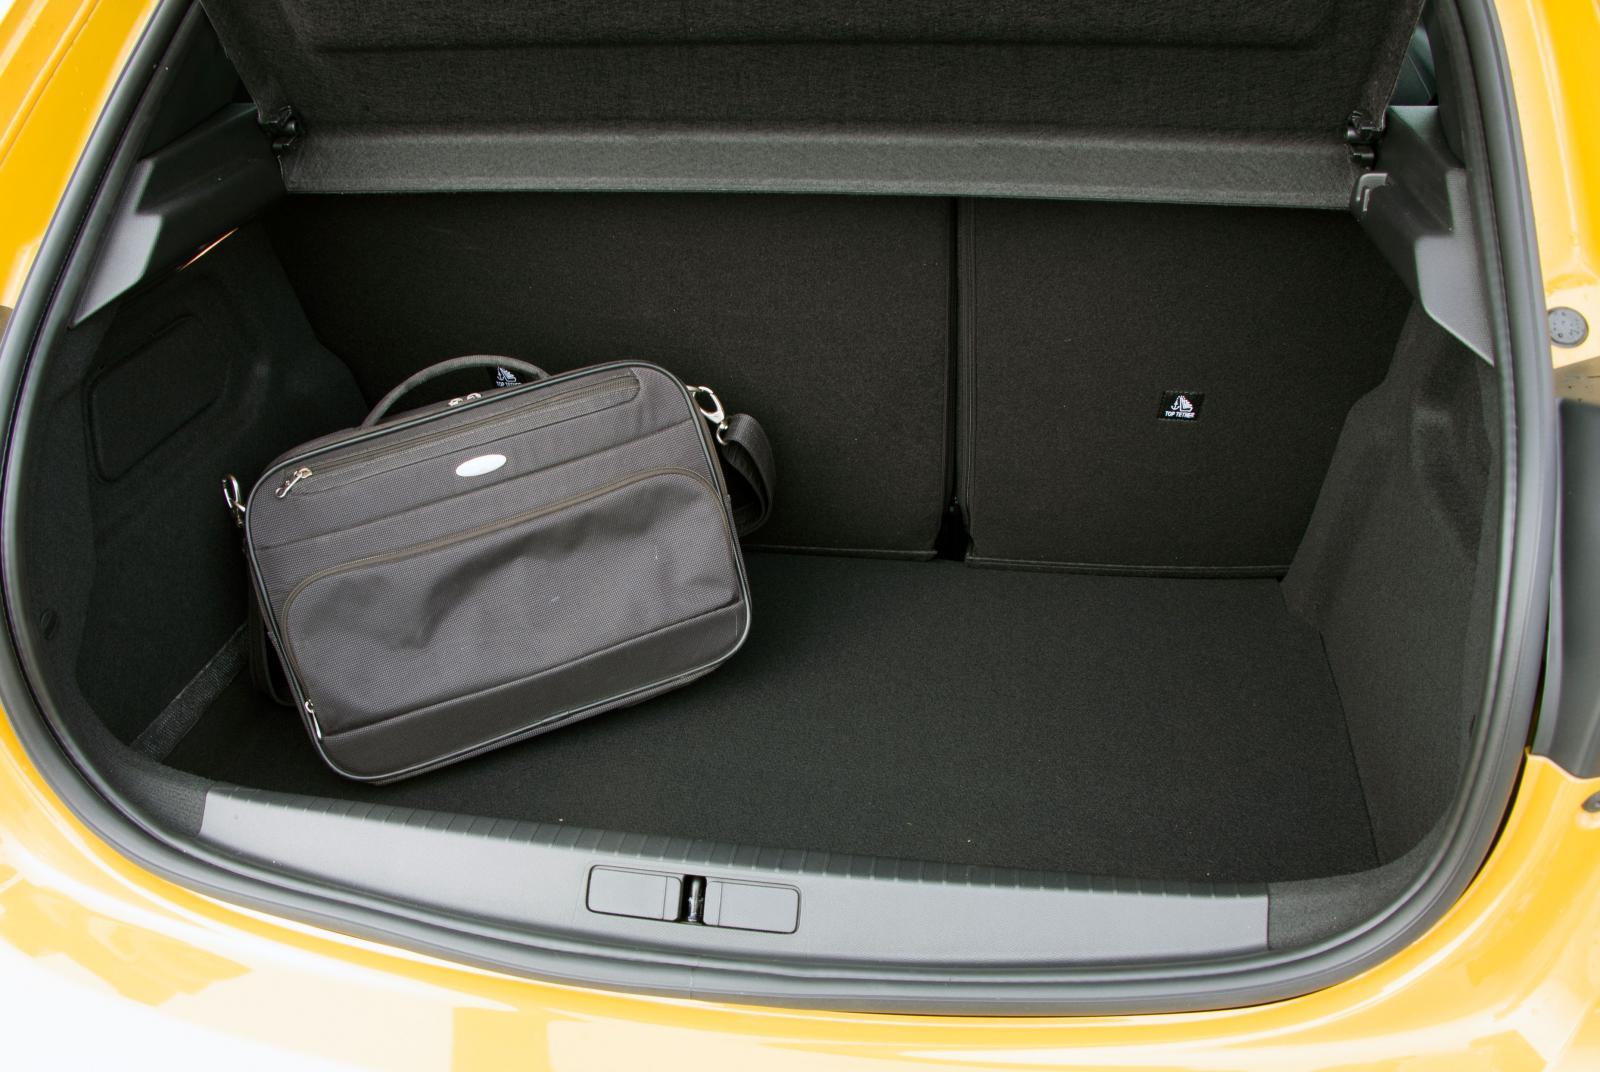 Utrymme ungefär som i Renault, men med lägre lasttröskel. Under det ganska tunna bagagegolvet finns ett riktigt reservhjul – ovanligt!